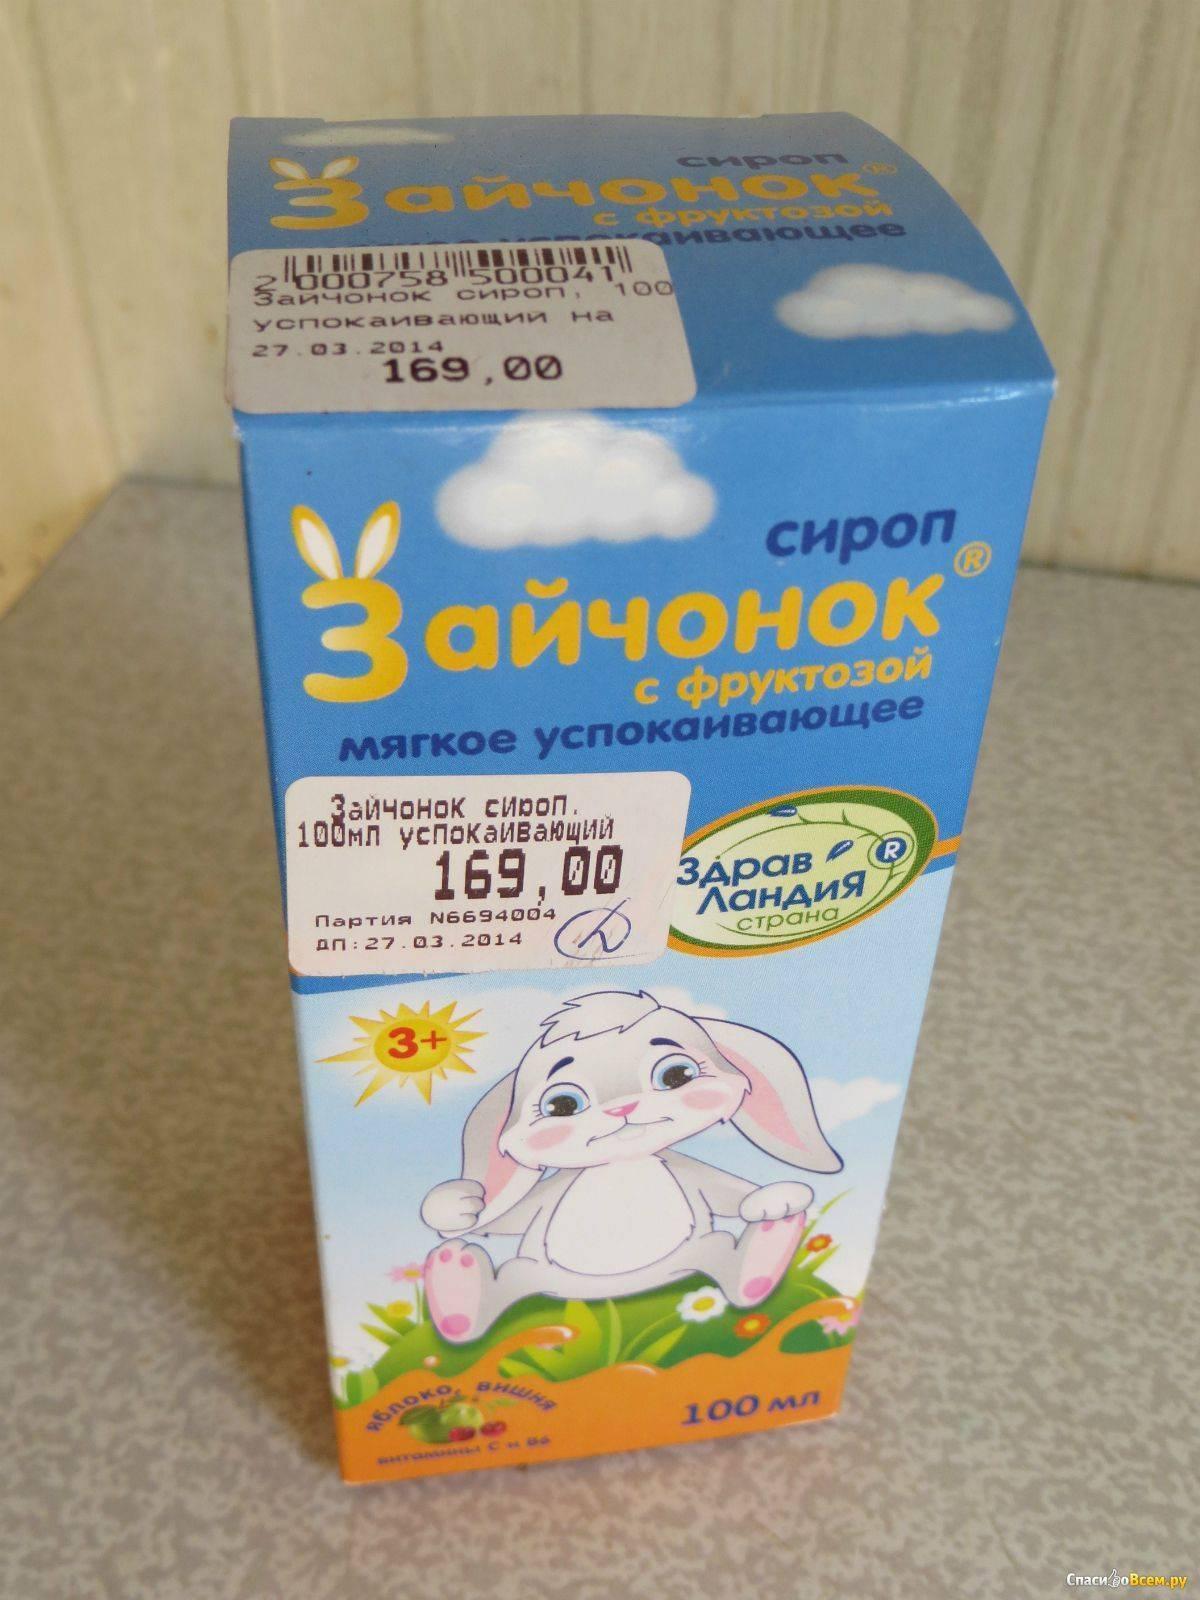 Натуральное успокоительное средство для детей. сироп зайчонок, успокаивающий для детей – инструкция по применению - строение человека